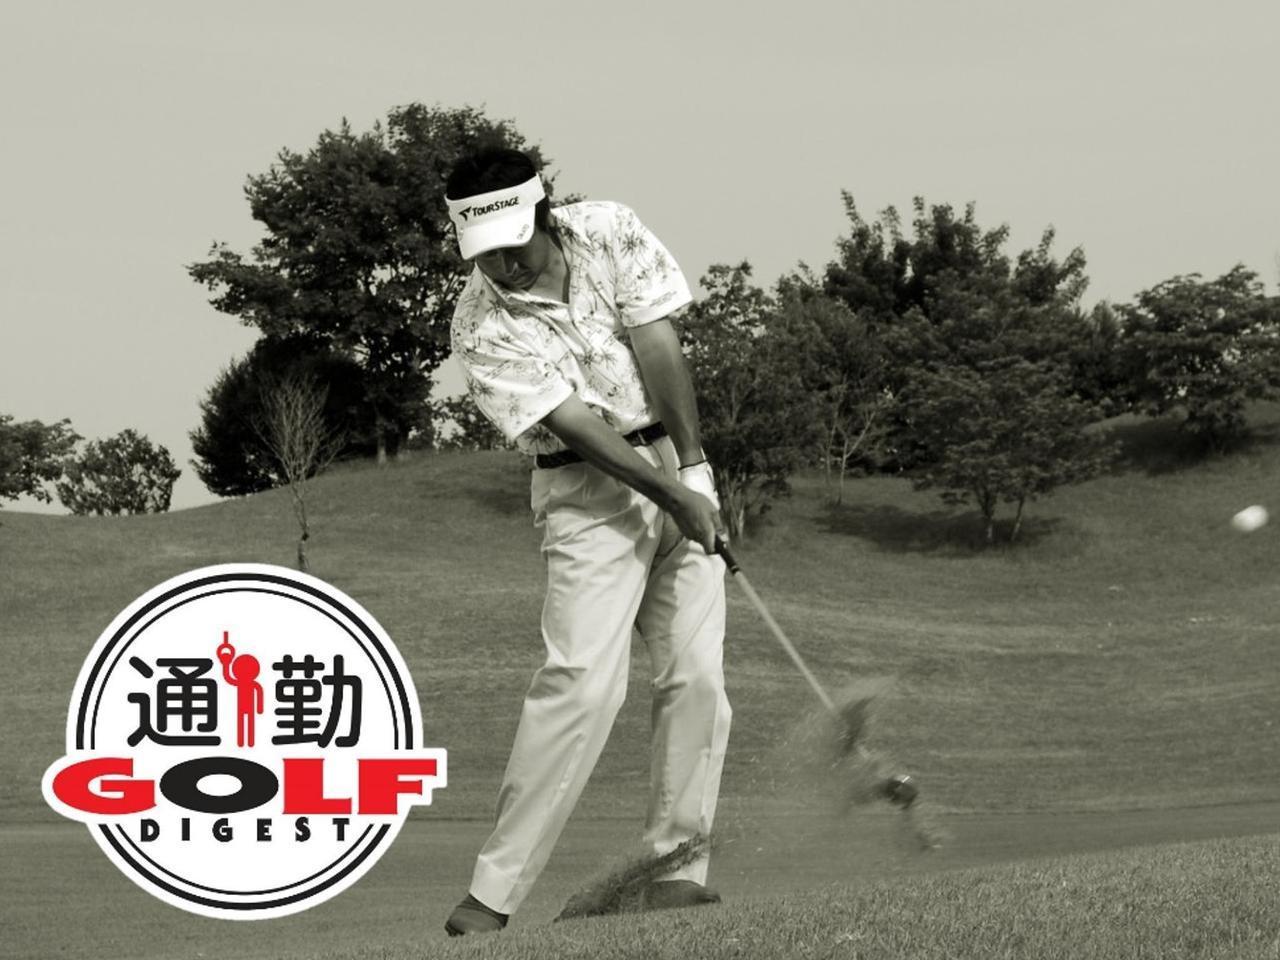 画像: 【通勤GD】迷ったとき、ユハラに帰れ! Vol.3 湯原のスクェア、中部銀次郎のスクェア ゴルフダイジェストWEB - ゴルフへ行こうWEB by ゴルフダイジェスト